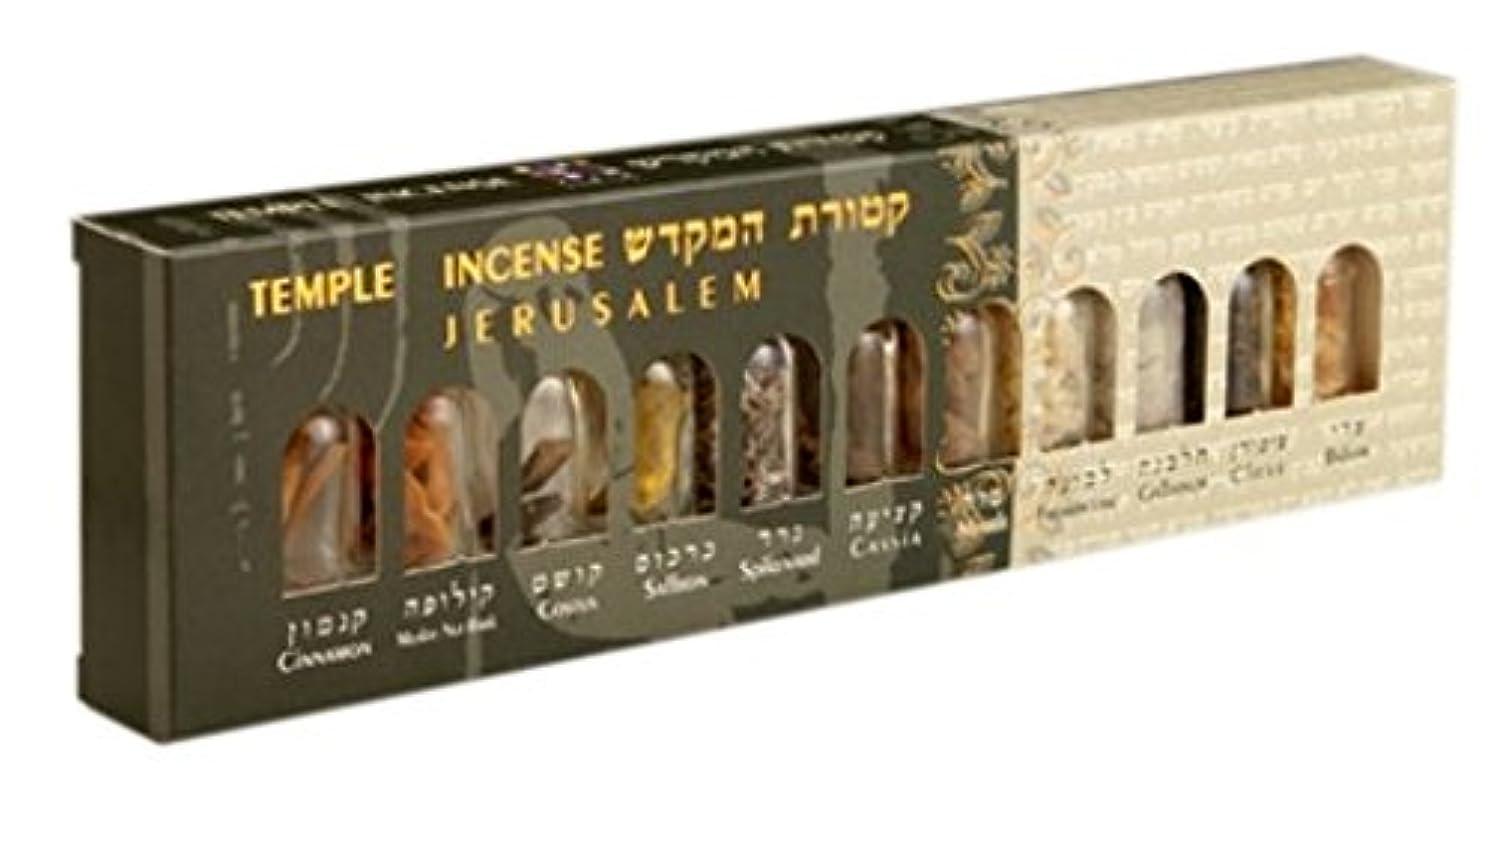 赤ちゃんラッカスワーディアンケースTempleお香のセットEleven Bottles – イスラエル製